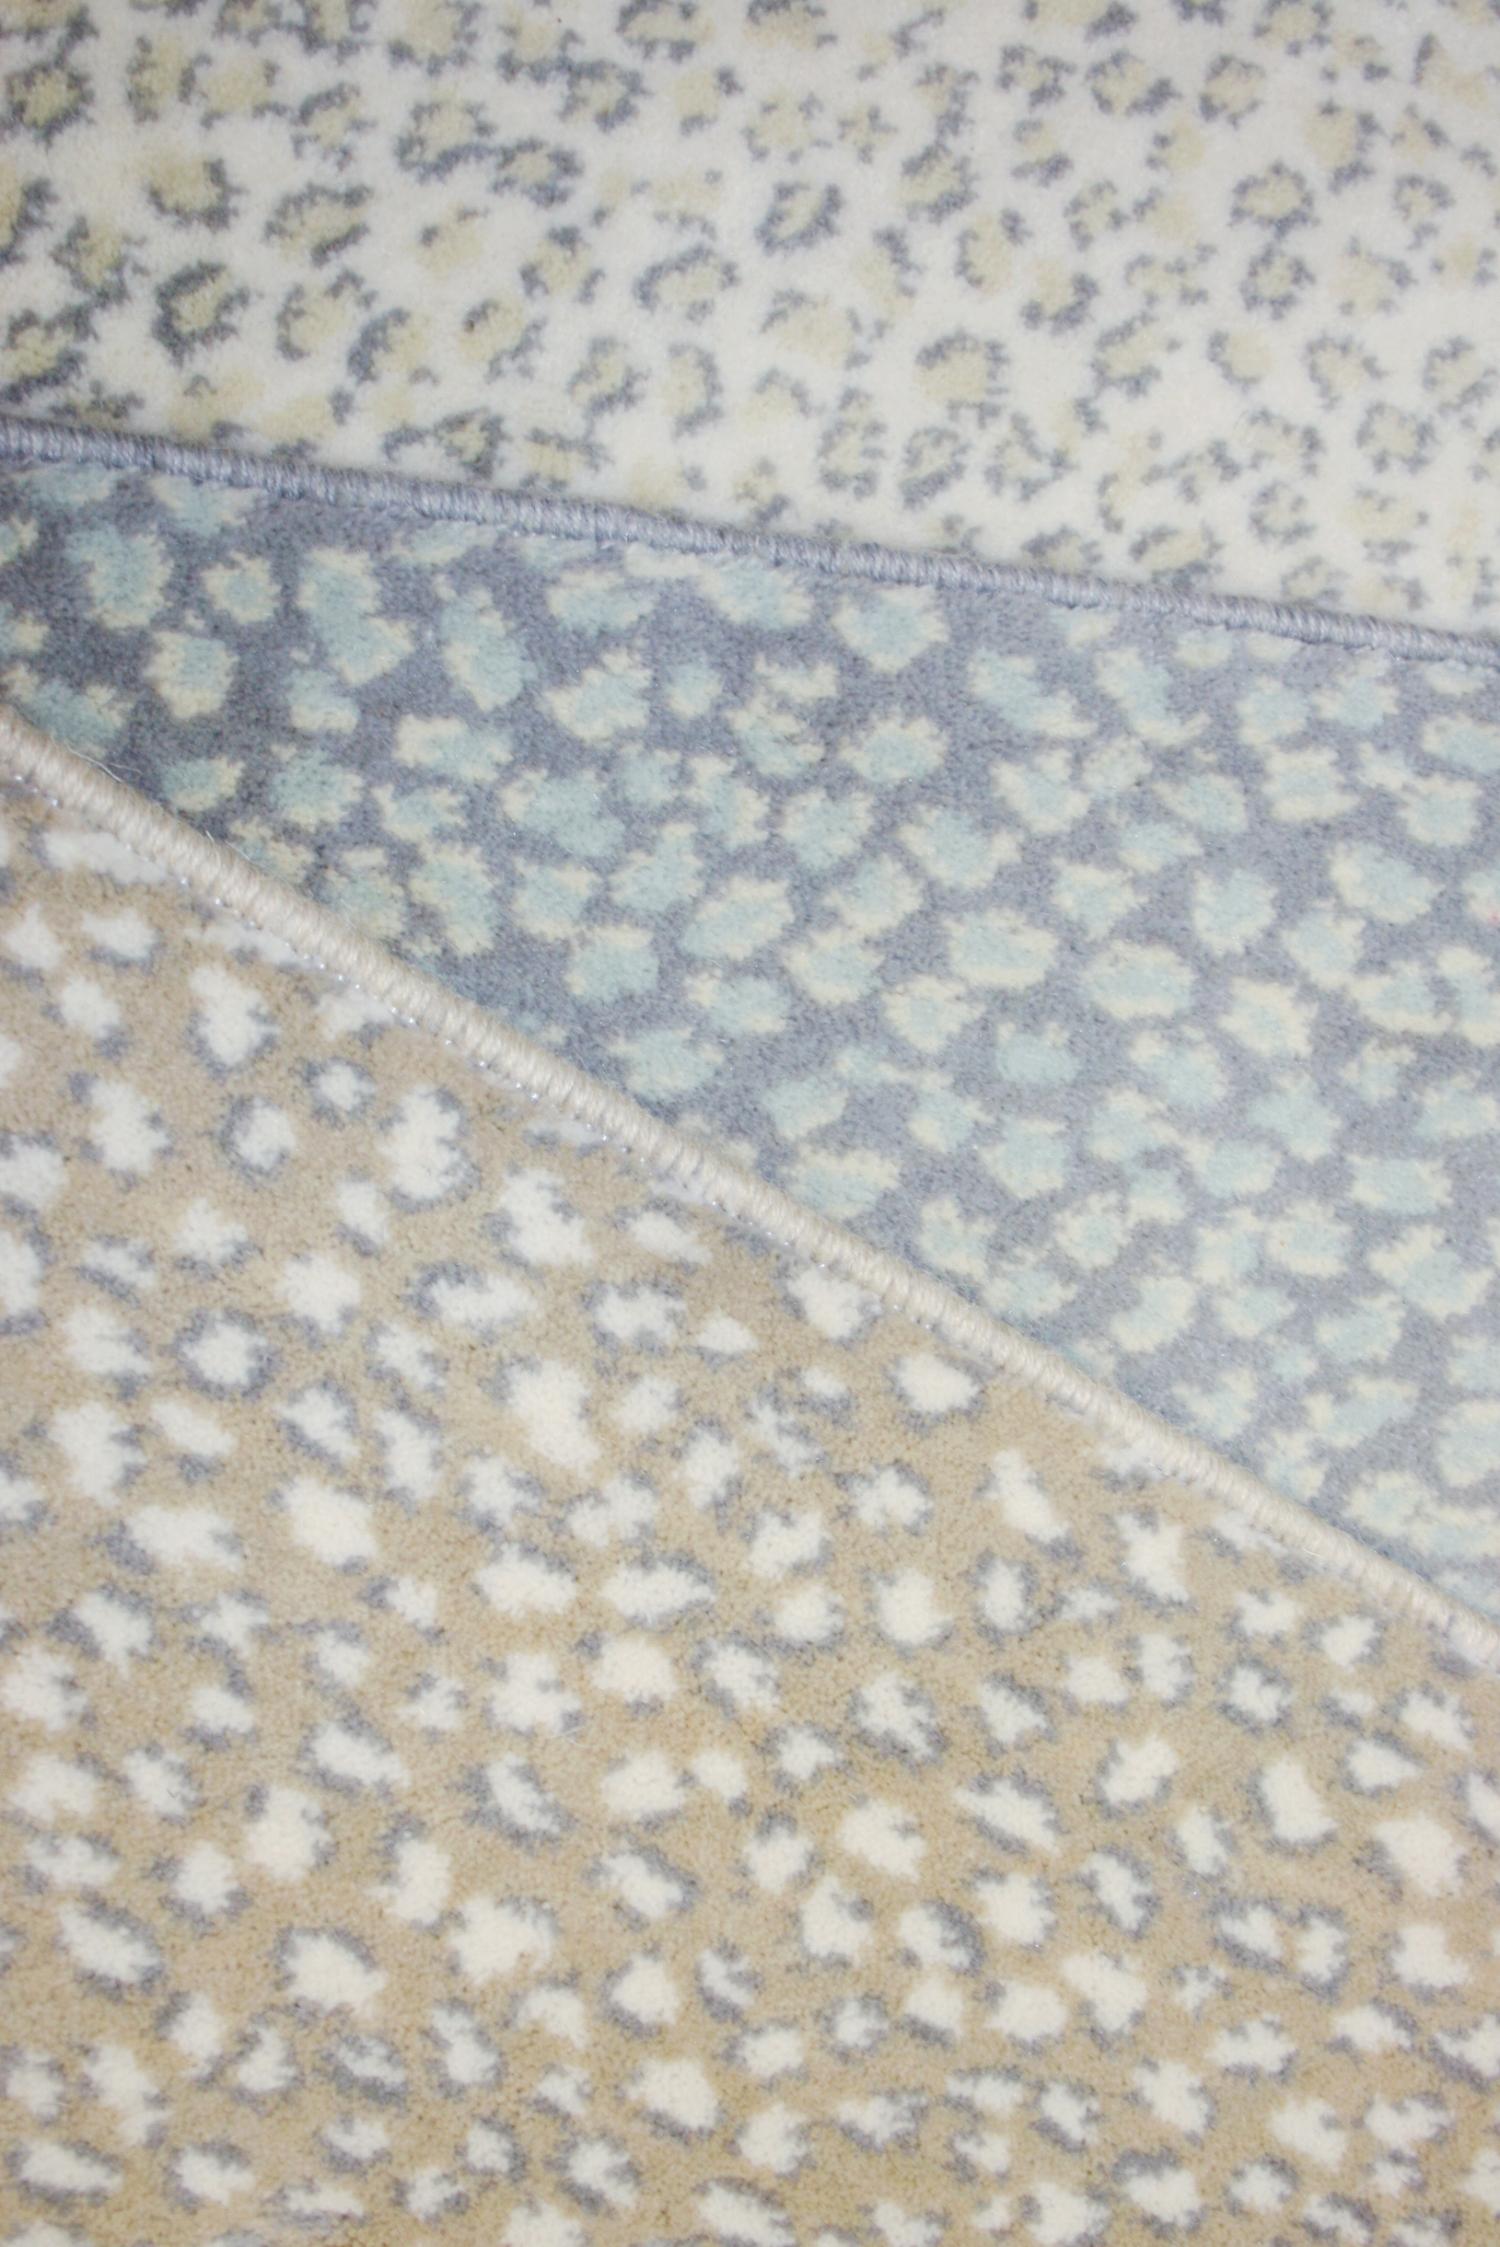 Subtle animal print carpet in pale blues